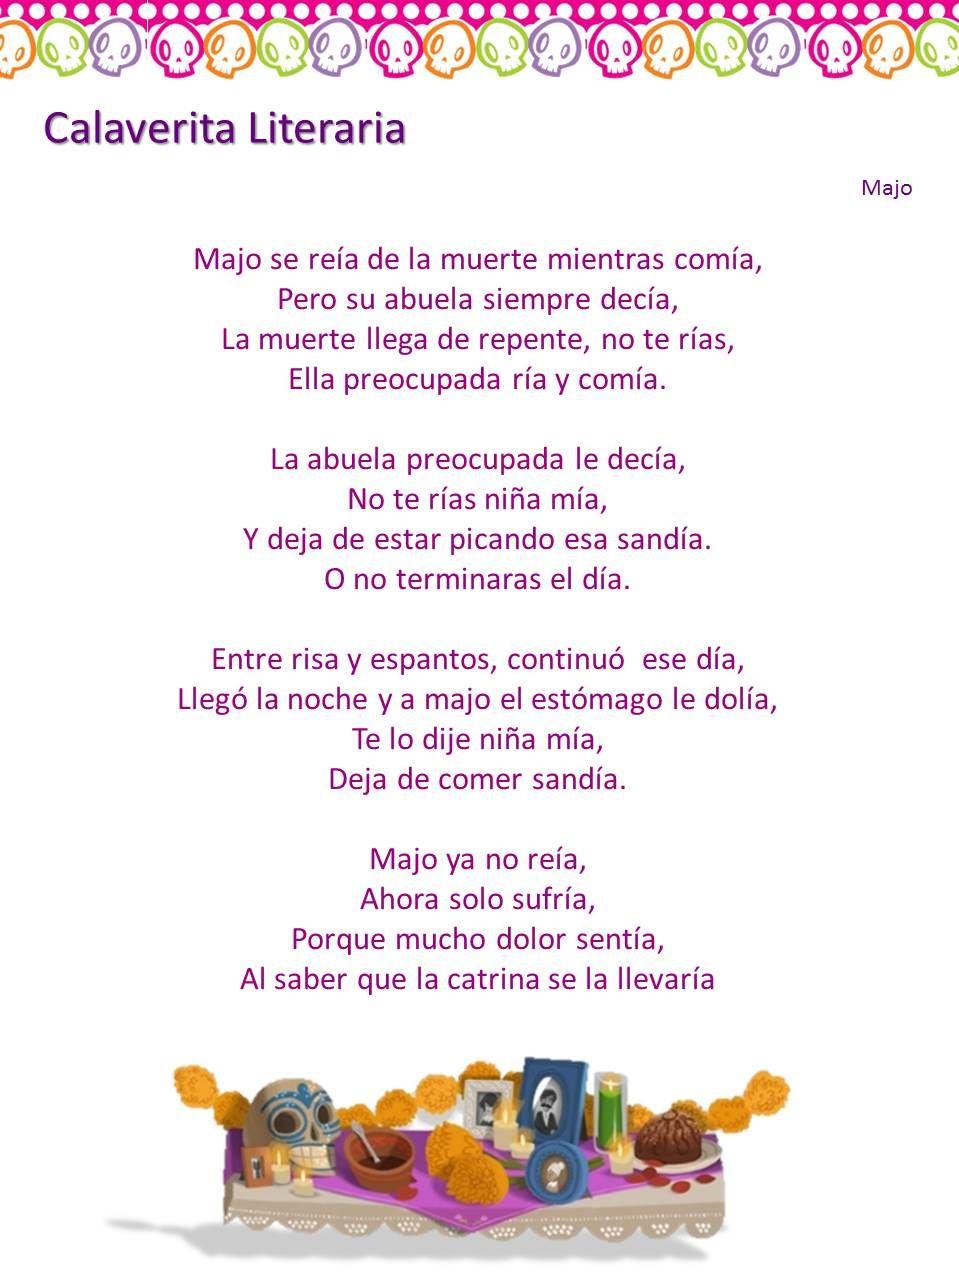 Calaveras Literarias Noviembre 2013 TIC's | Dia de los muertos ...